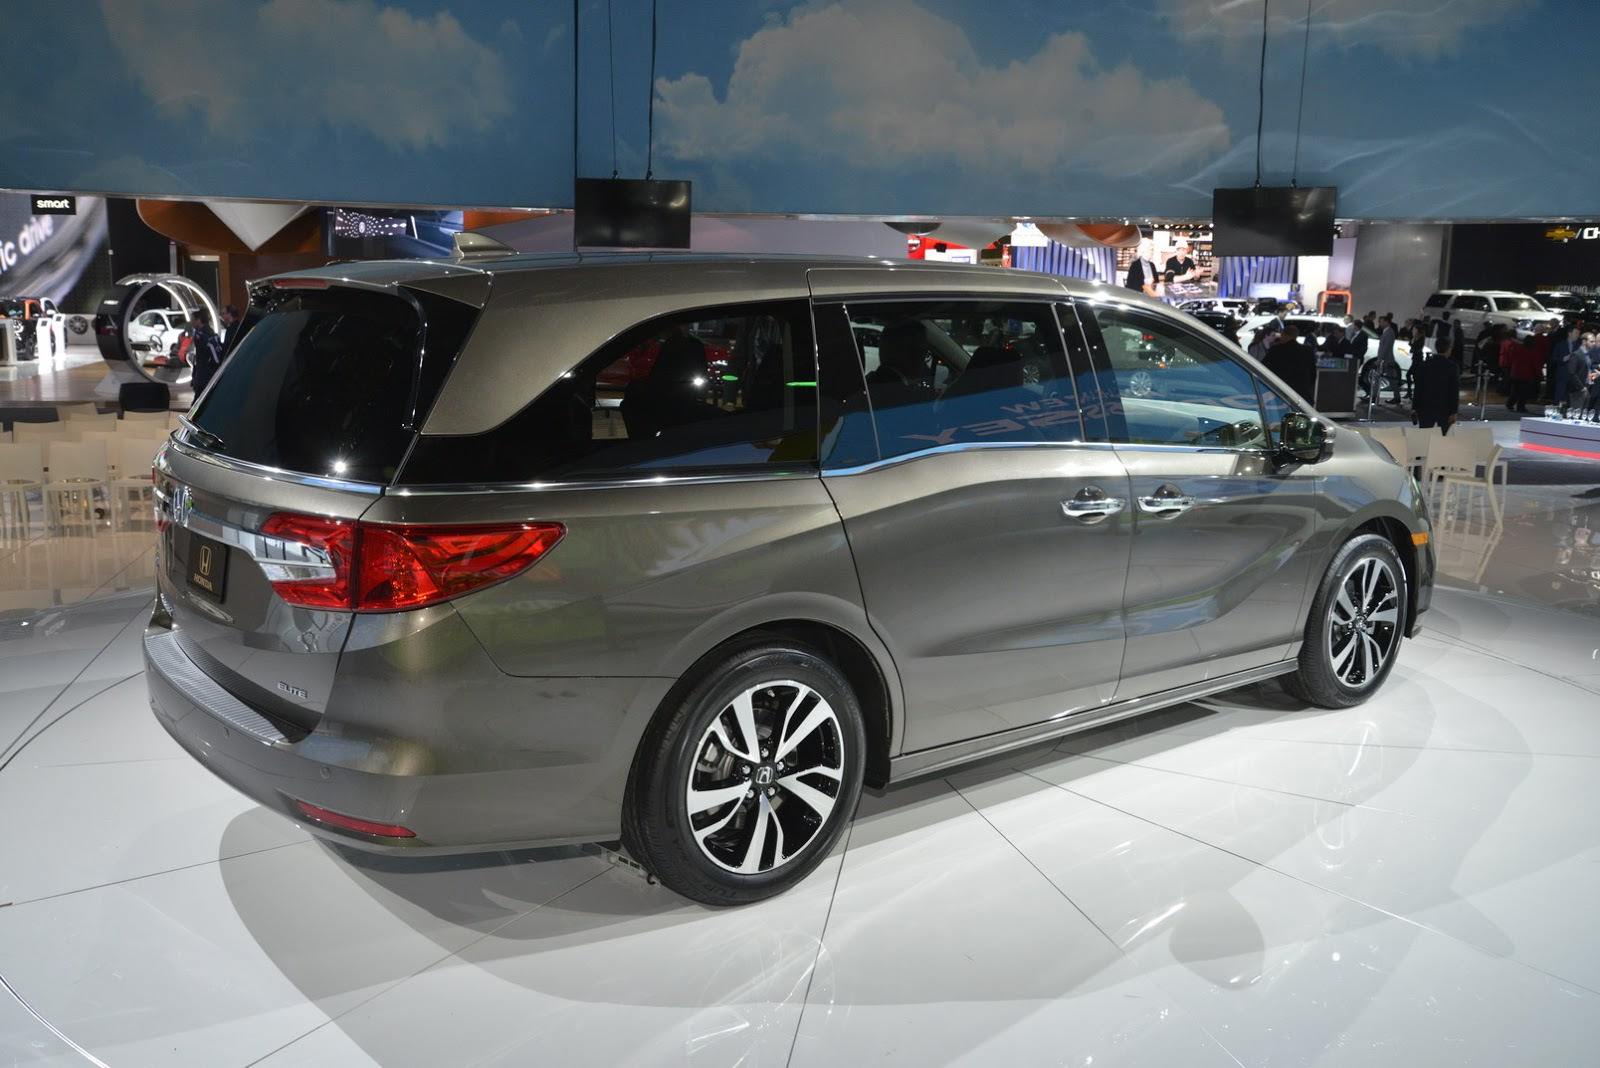 Honda Odyssey MY 2018 - 8/67